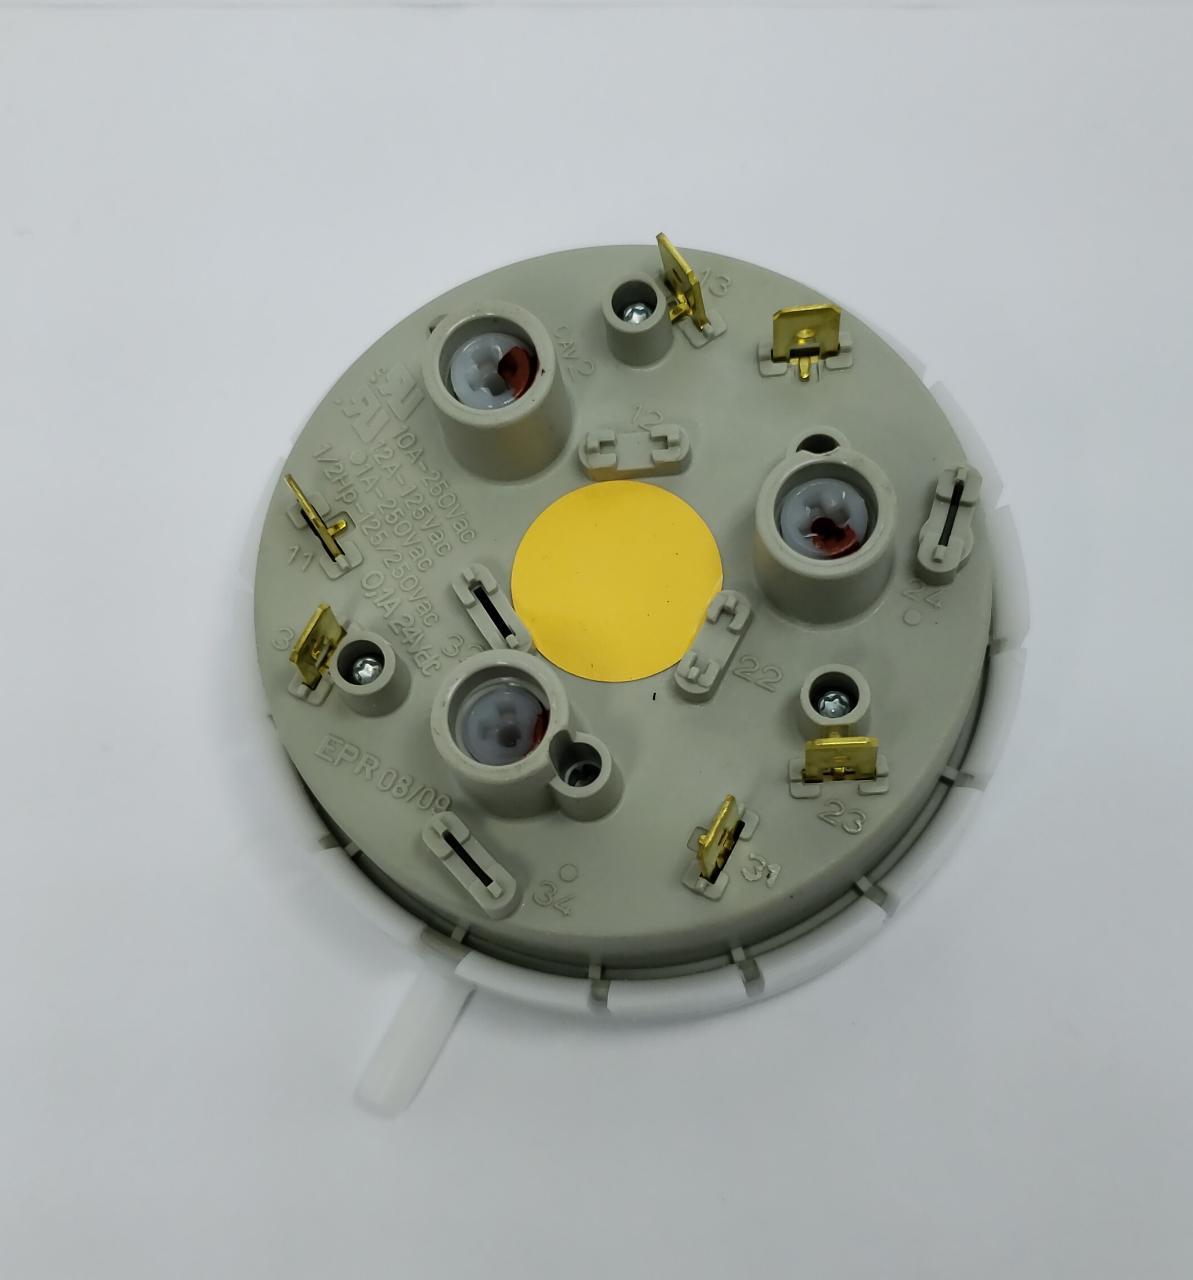 Pressostato Mecânico 3 Níveis 5v Brastemp Original 326054416